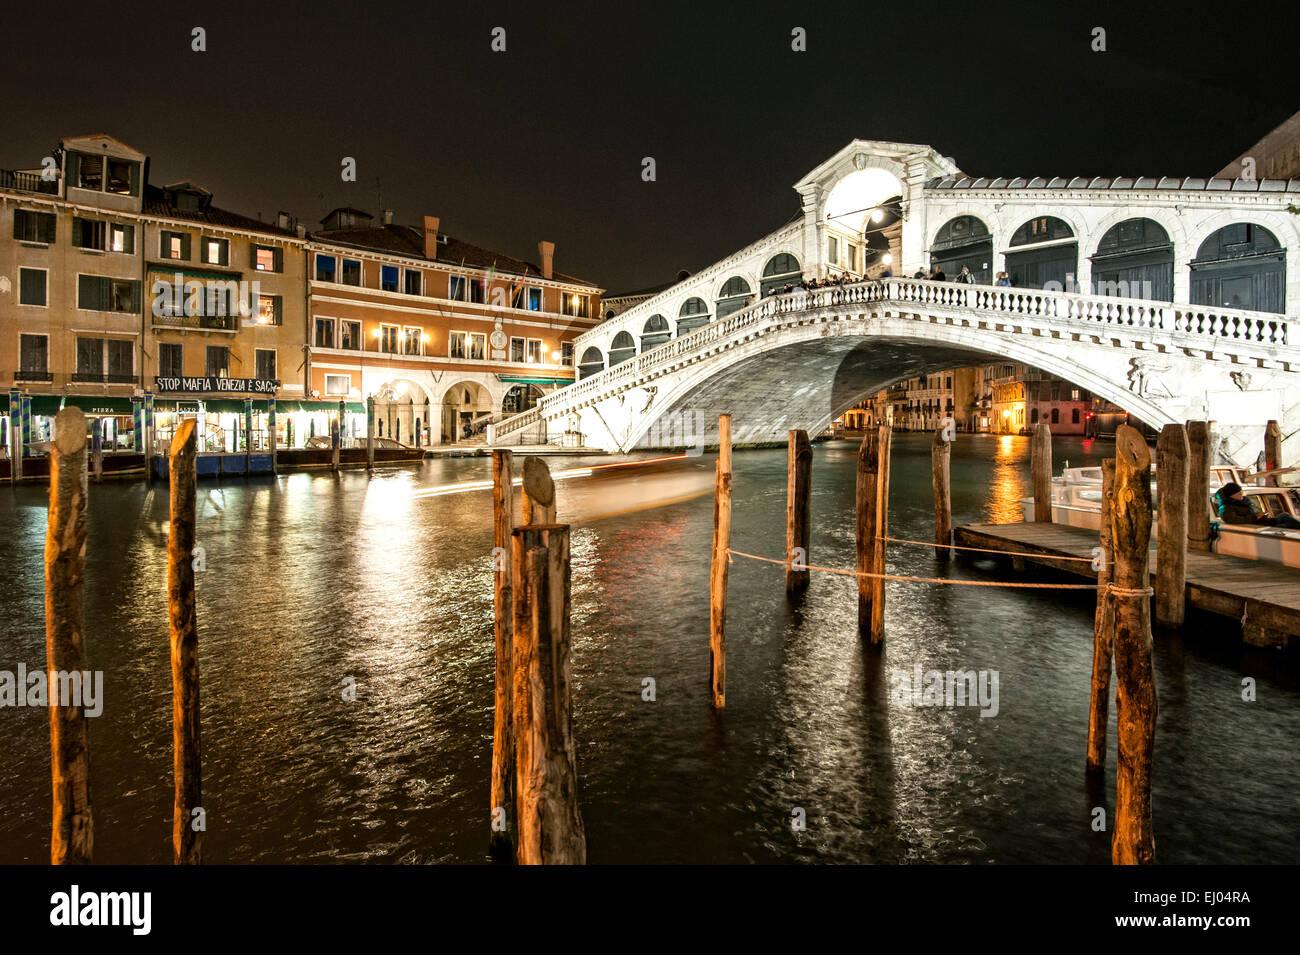 Pier mit Boot am Canal Grande bei der Rialto-Brücke in der Nacht. Stockfoto